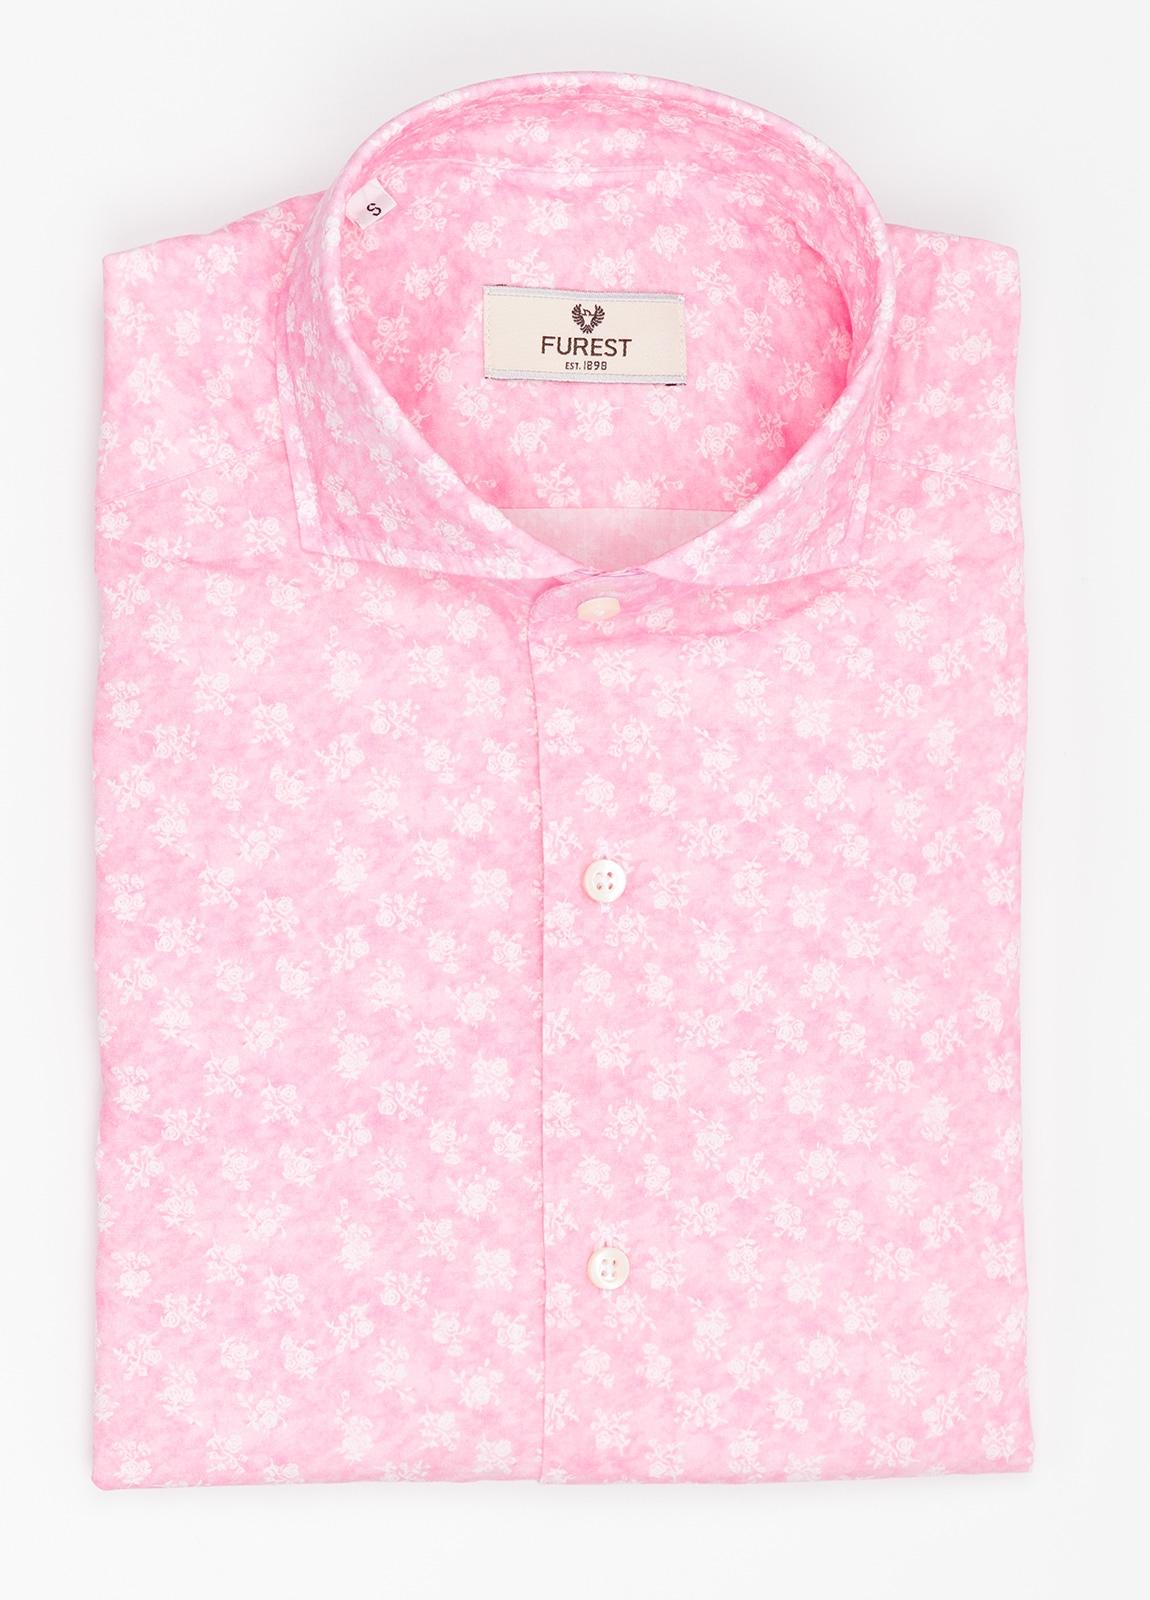 Camisa Leisure Wear SLIM FIT Modelo CAPRI color rosa con estampado floral. 100% Algodón.